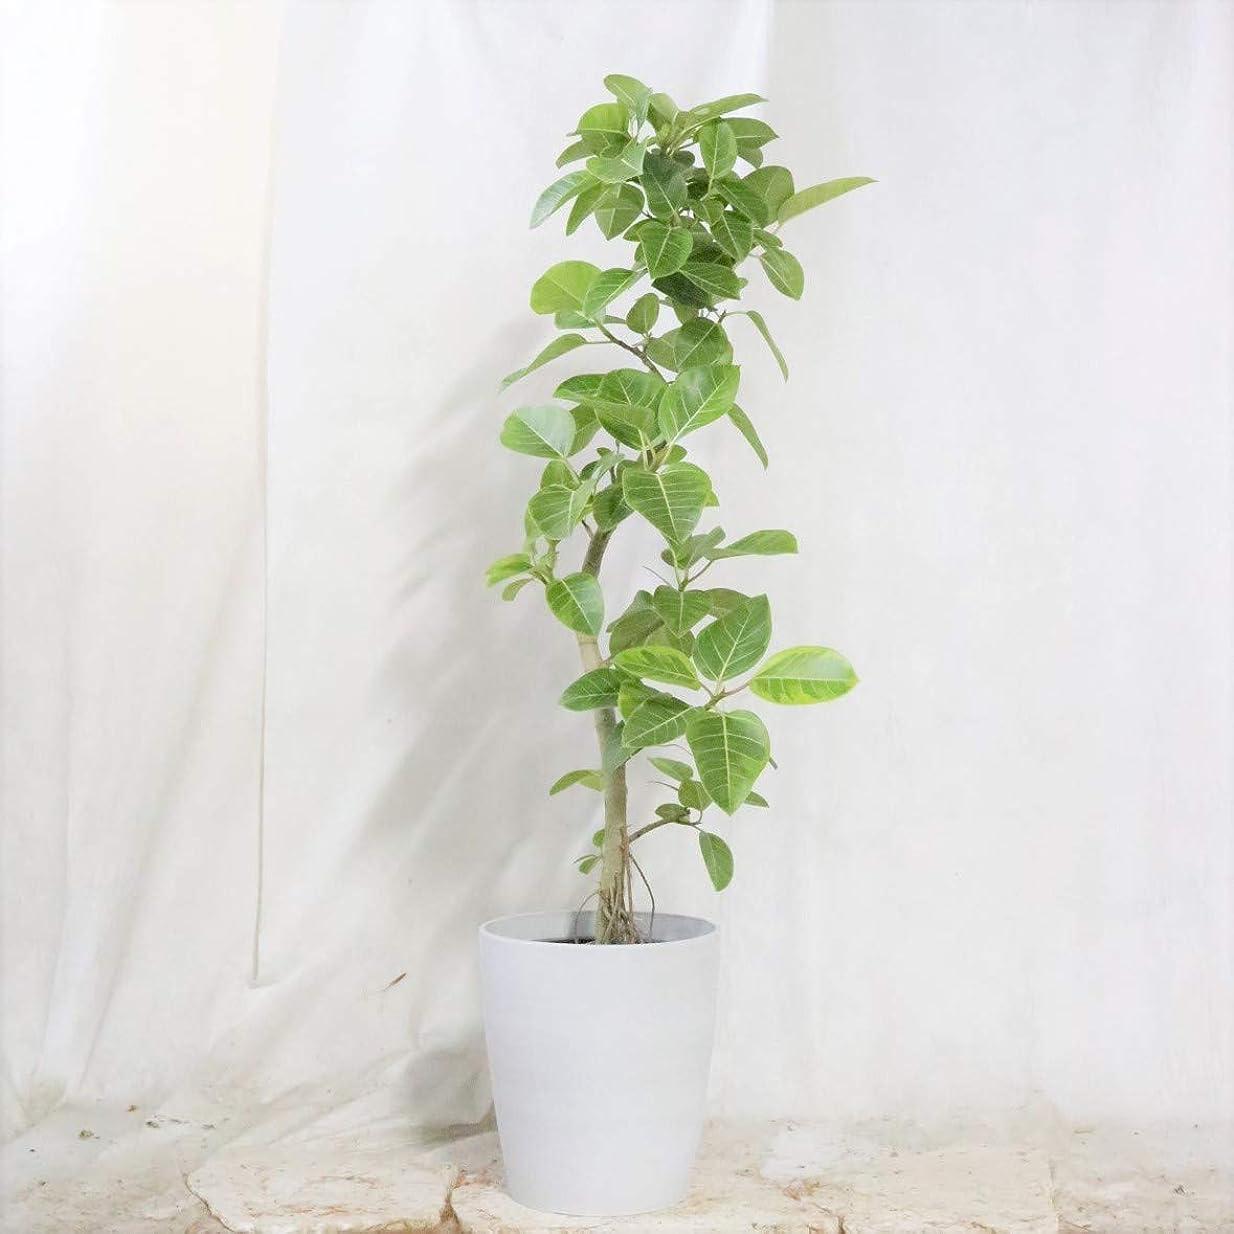 チャンピオン思いつく有料アルテシマ ホワイト樹脂 鉢カバー 10号 160㎝程度 【観葉植物】【室内向け】【沖縄観葉】